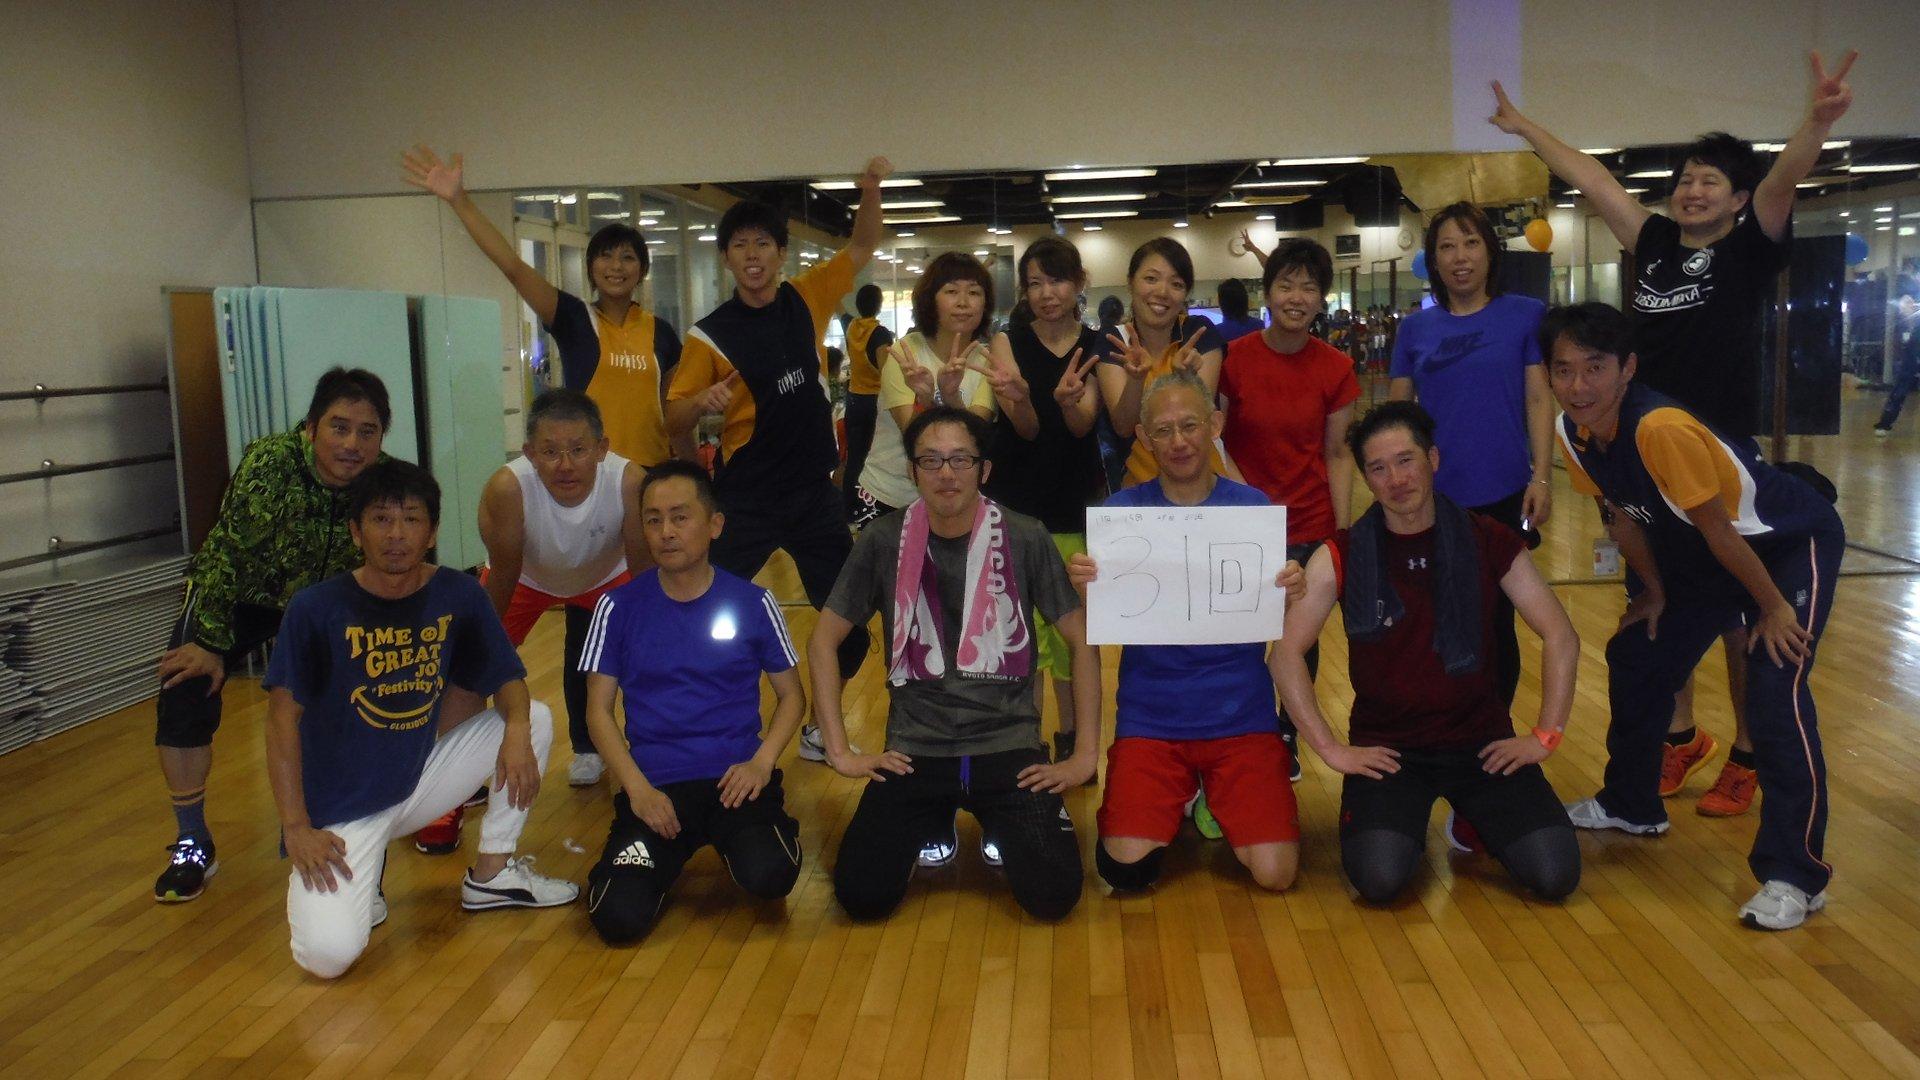 大縄跳び大会にご参加いただきありがとうございました!